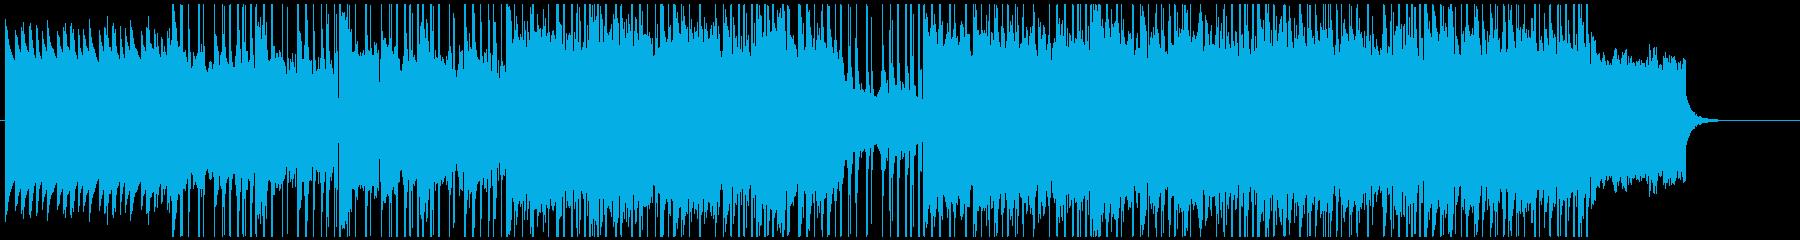 後半に向けて盛り上がりを見せる曲です。の再生済みの波形